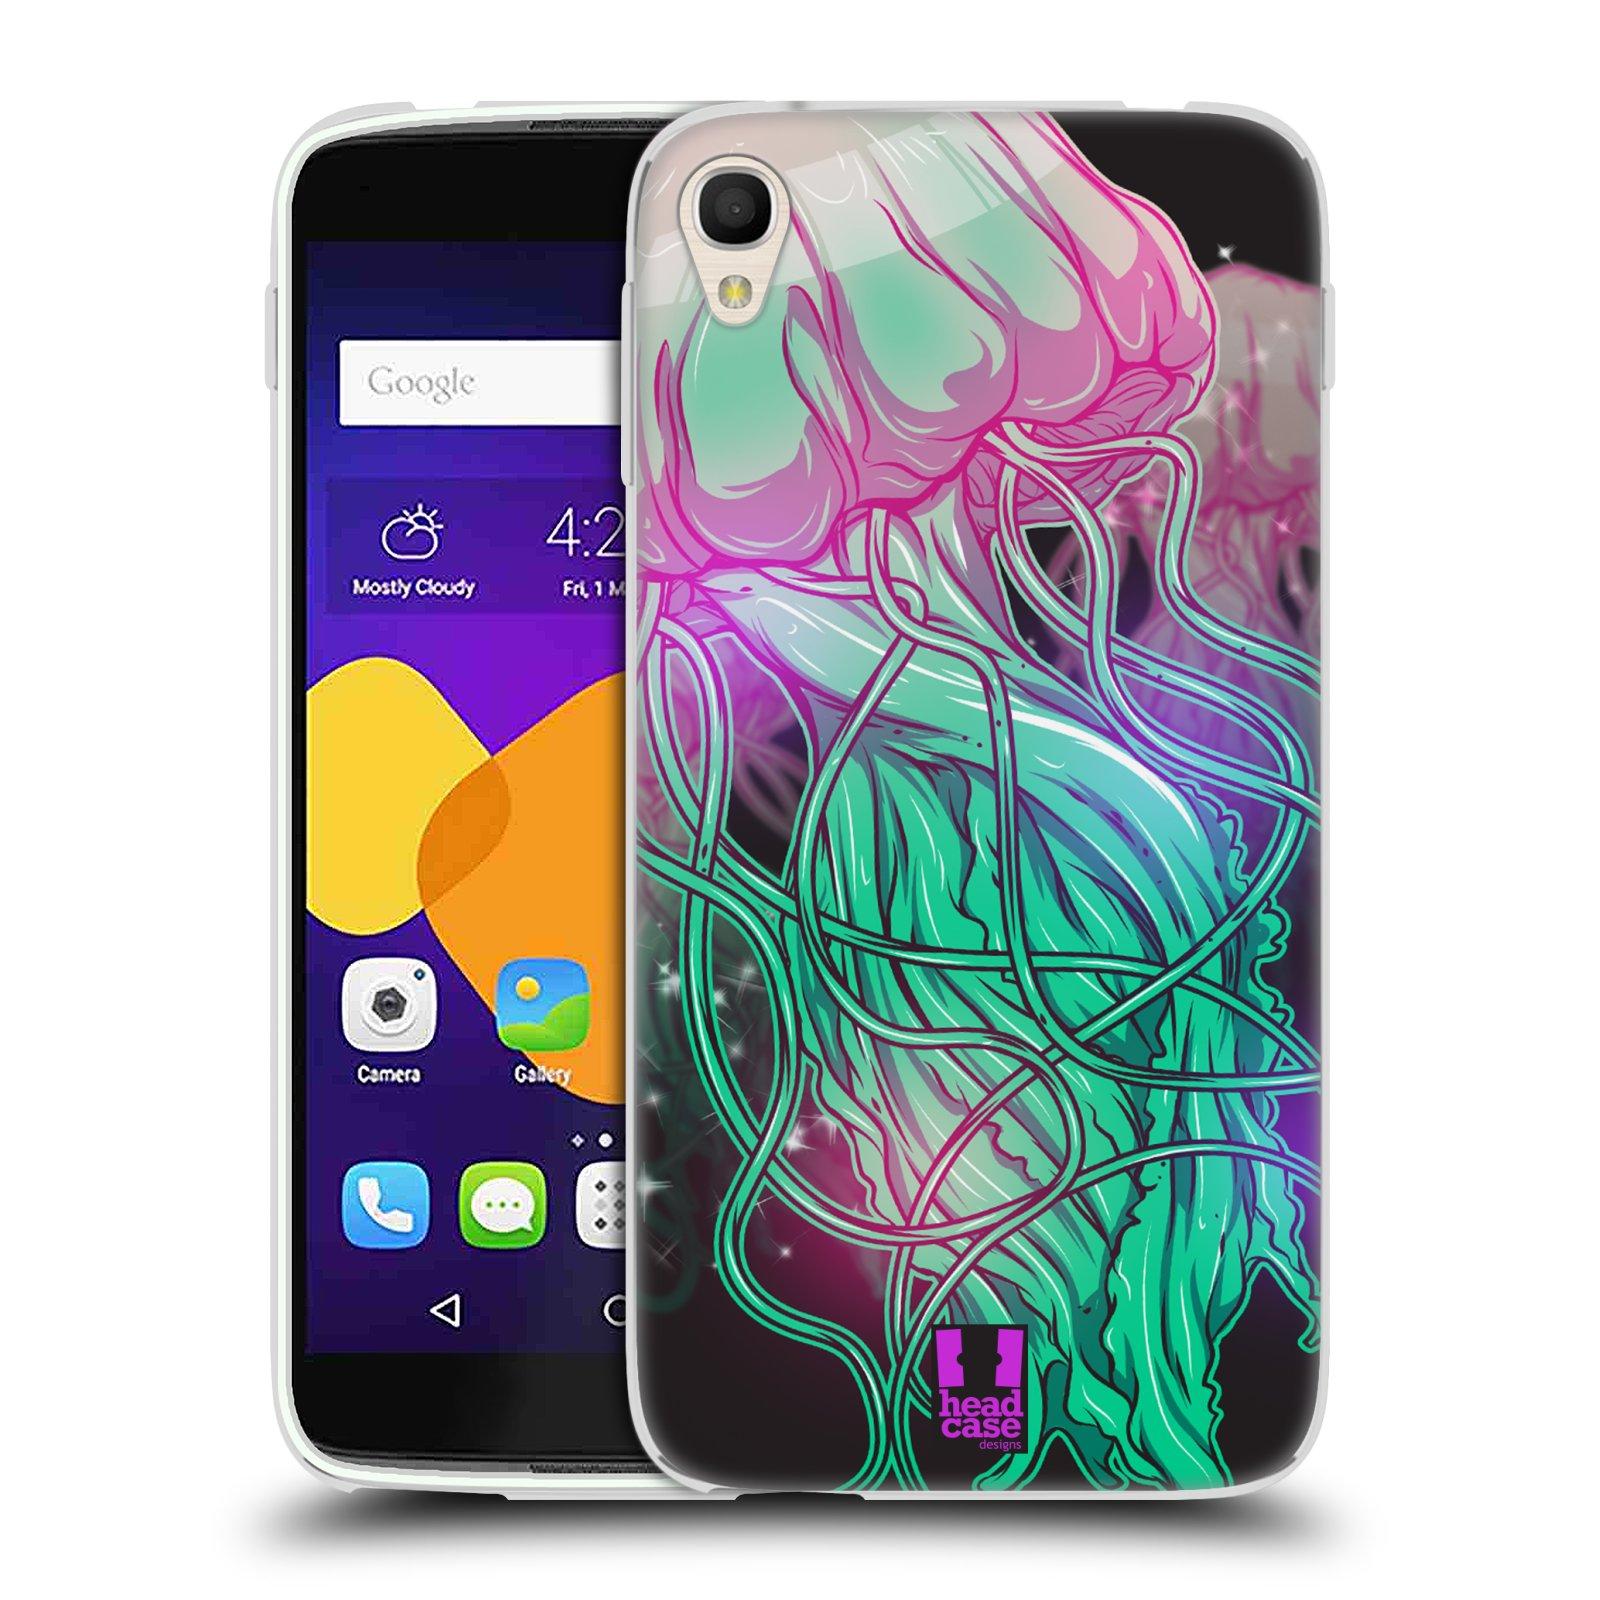 HEAD CASE silikonový obal na mobil Alcatel Idol 3 OT-6045Y (5.5) vzor mořská monstra medůza